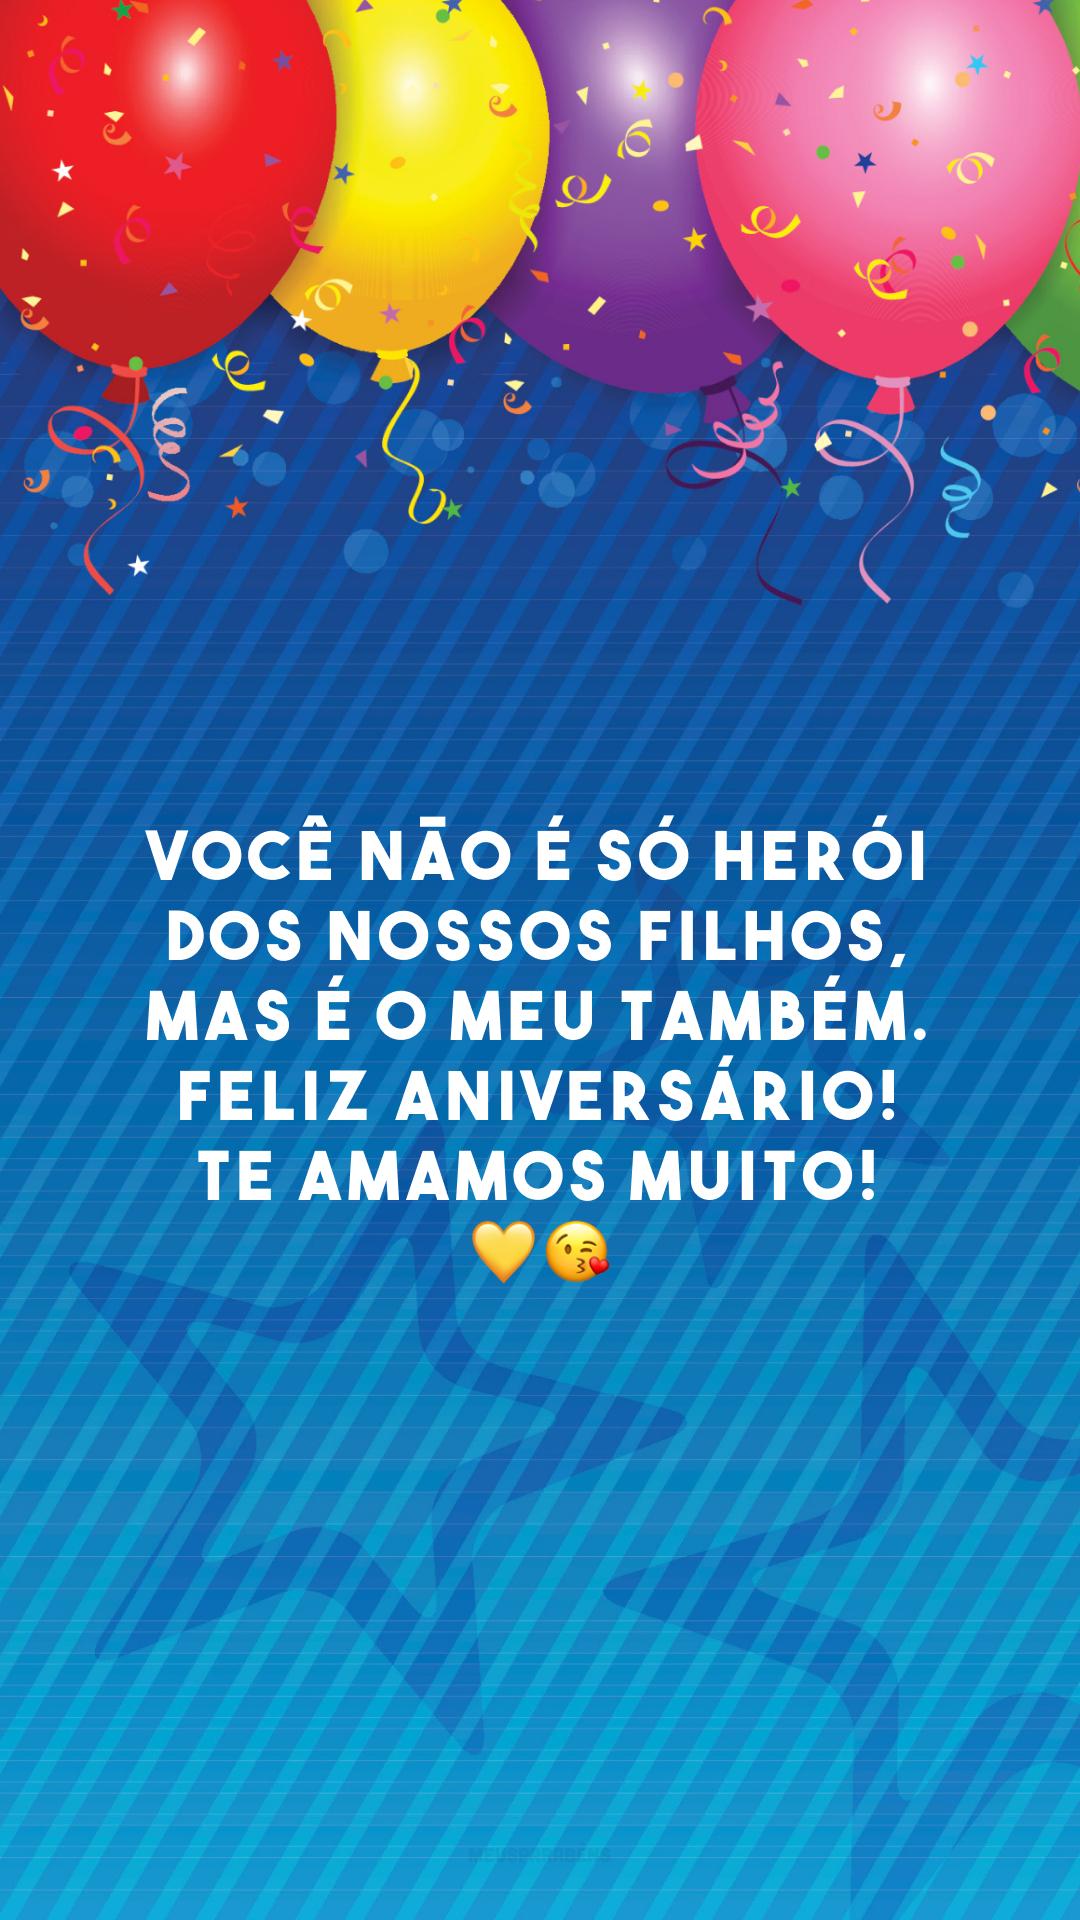 Você não é só herói dos nossos filhos, mas é o meu também. Feliz aniversário! Te amamos muito! 💛😘